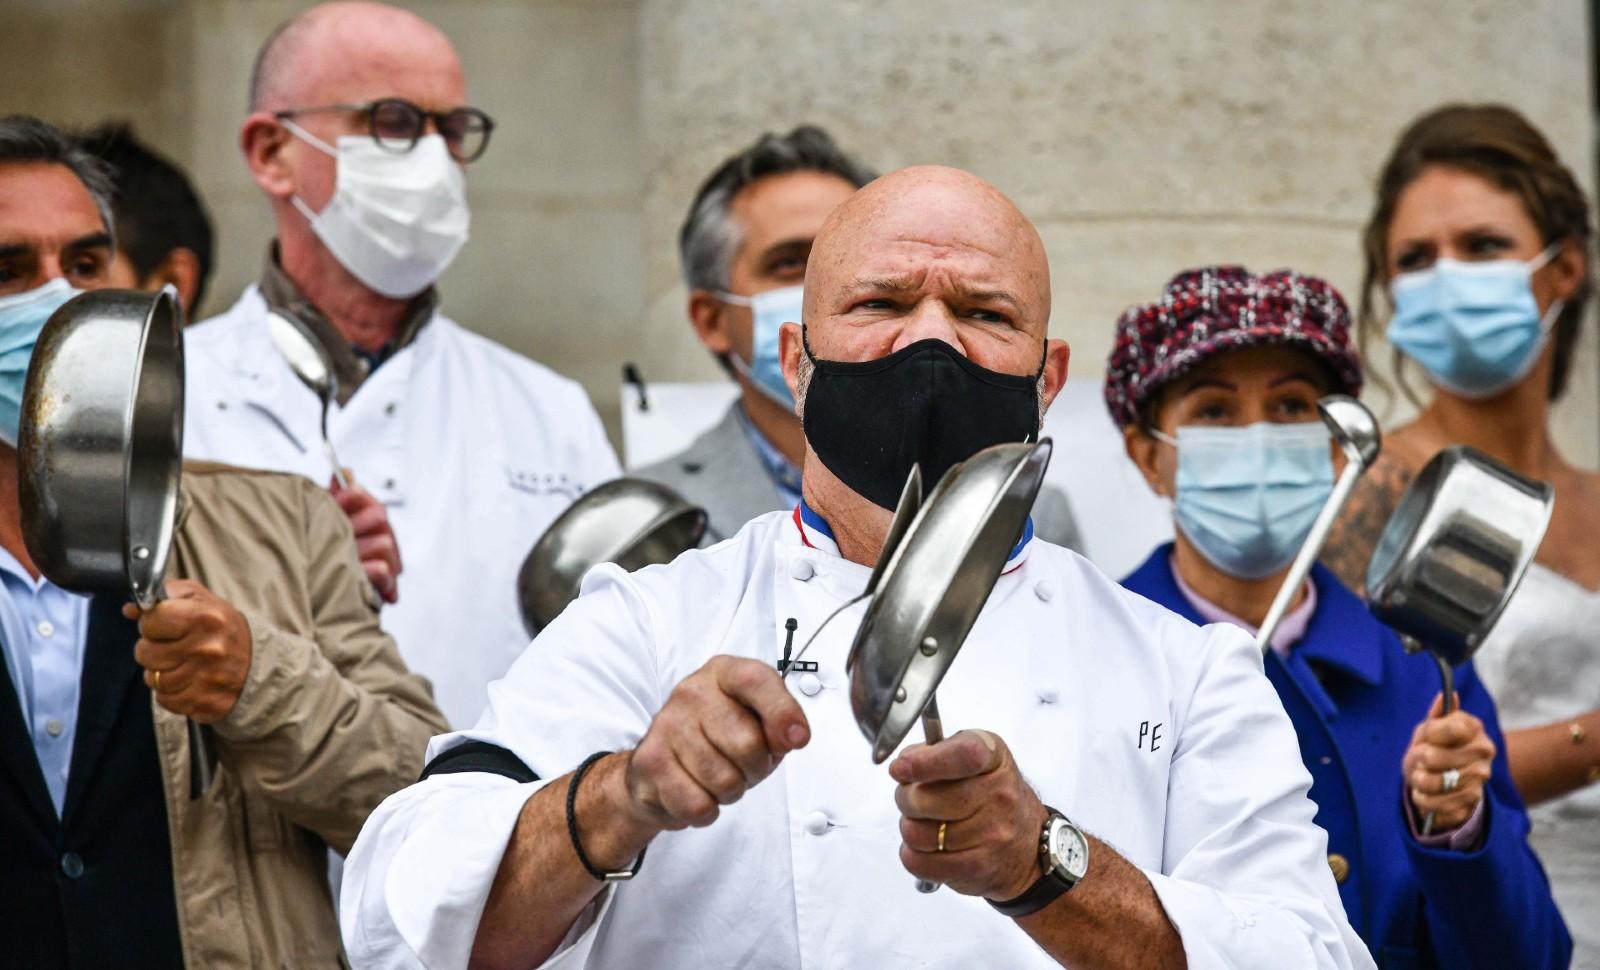 Entouré d'autres restaurateurs, le chef Philippe Etchebest manifeste à Bordeaux contre les mesures sanitaires gouvernementales liées au coronavirus, le 2 octobre 2020 © UGO AMEZ/SIPA Numéro de reportage : 00984040_000010